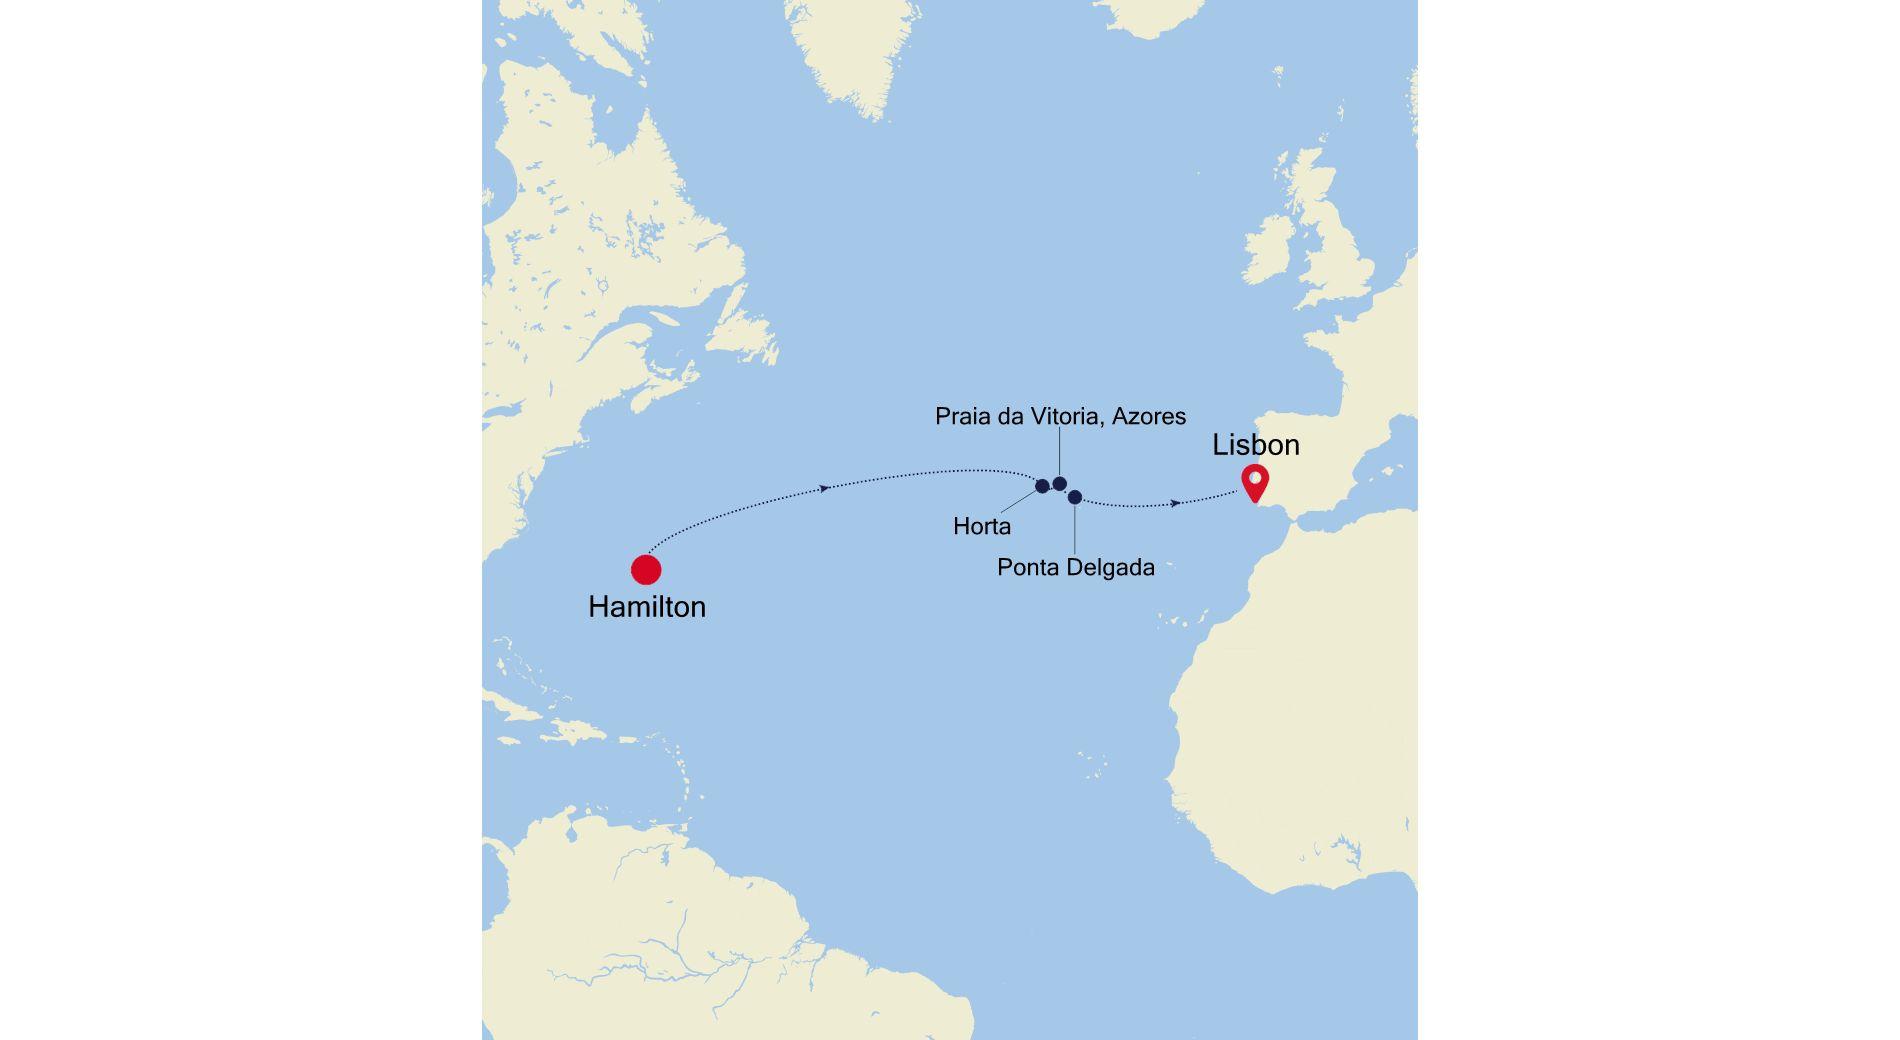 DA220321S11 - Hamilton nach Lisbon